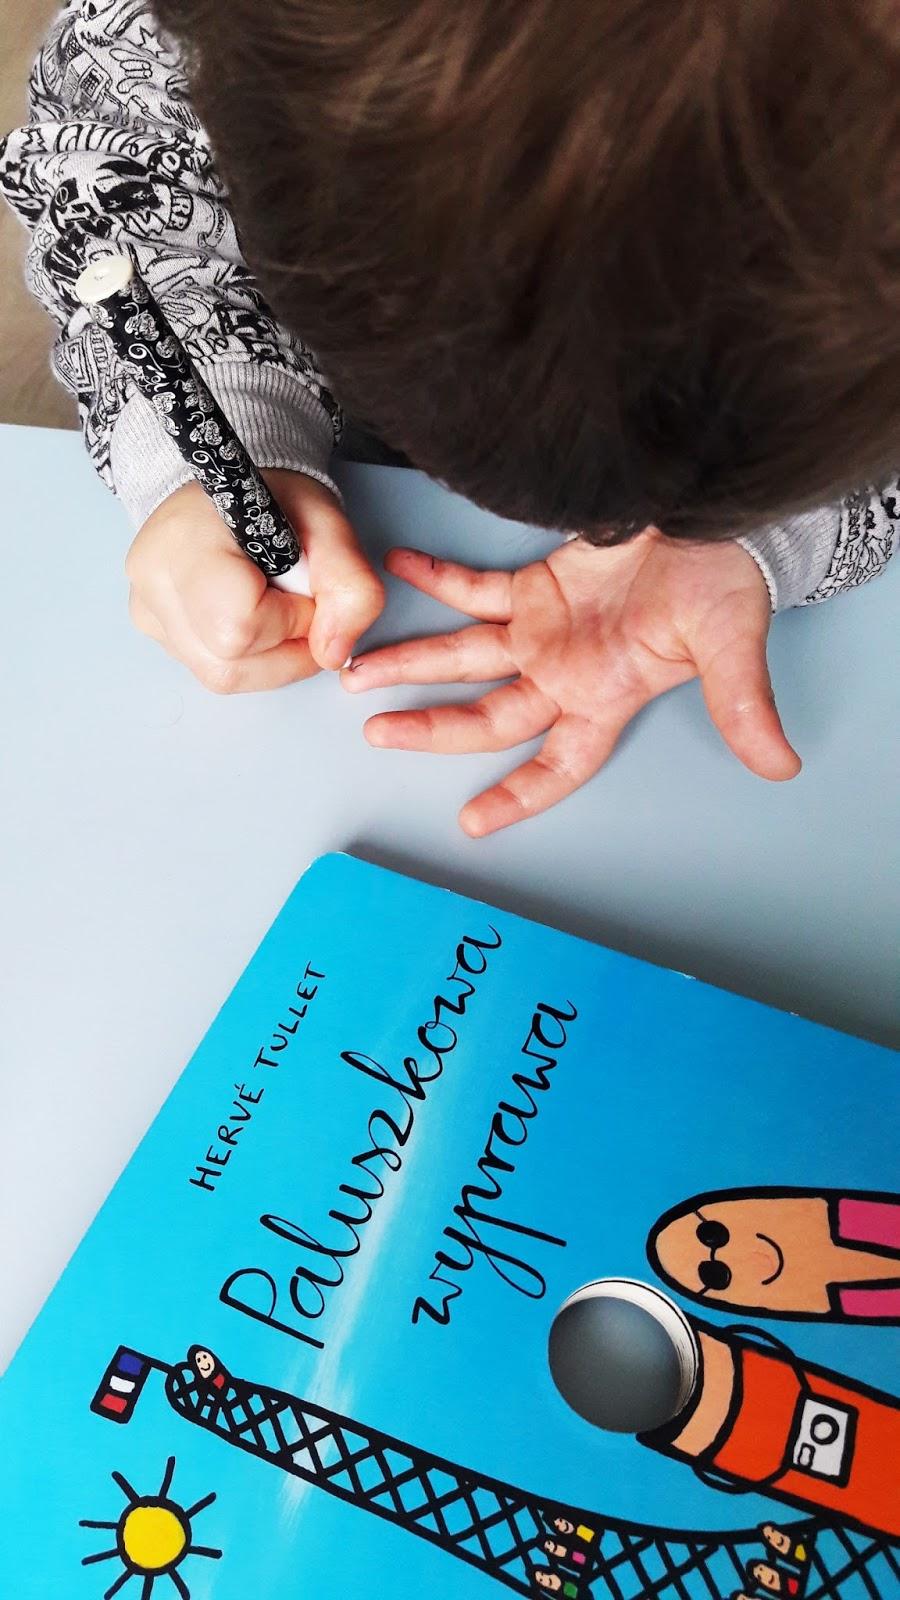 rysujemy robaczki - paluszkowa wyprawa robaczki Hervé-Tullet - wydawinctwo insignis